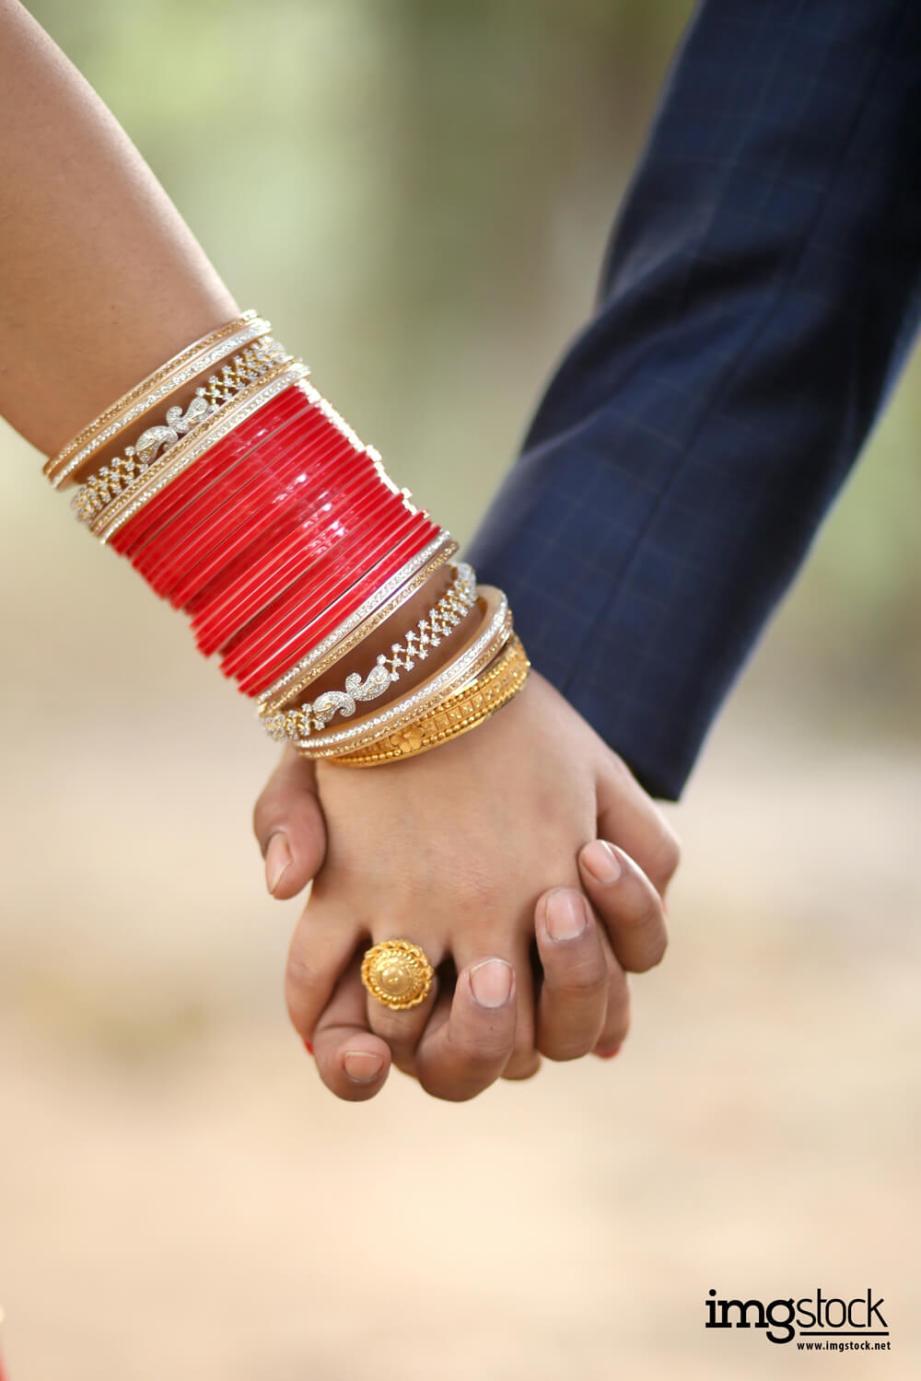 Riya Post Wedding - ImgStock, Biratnagar